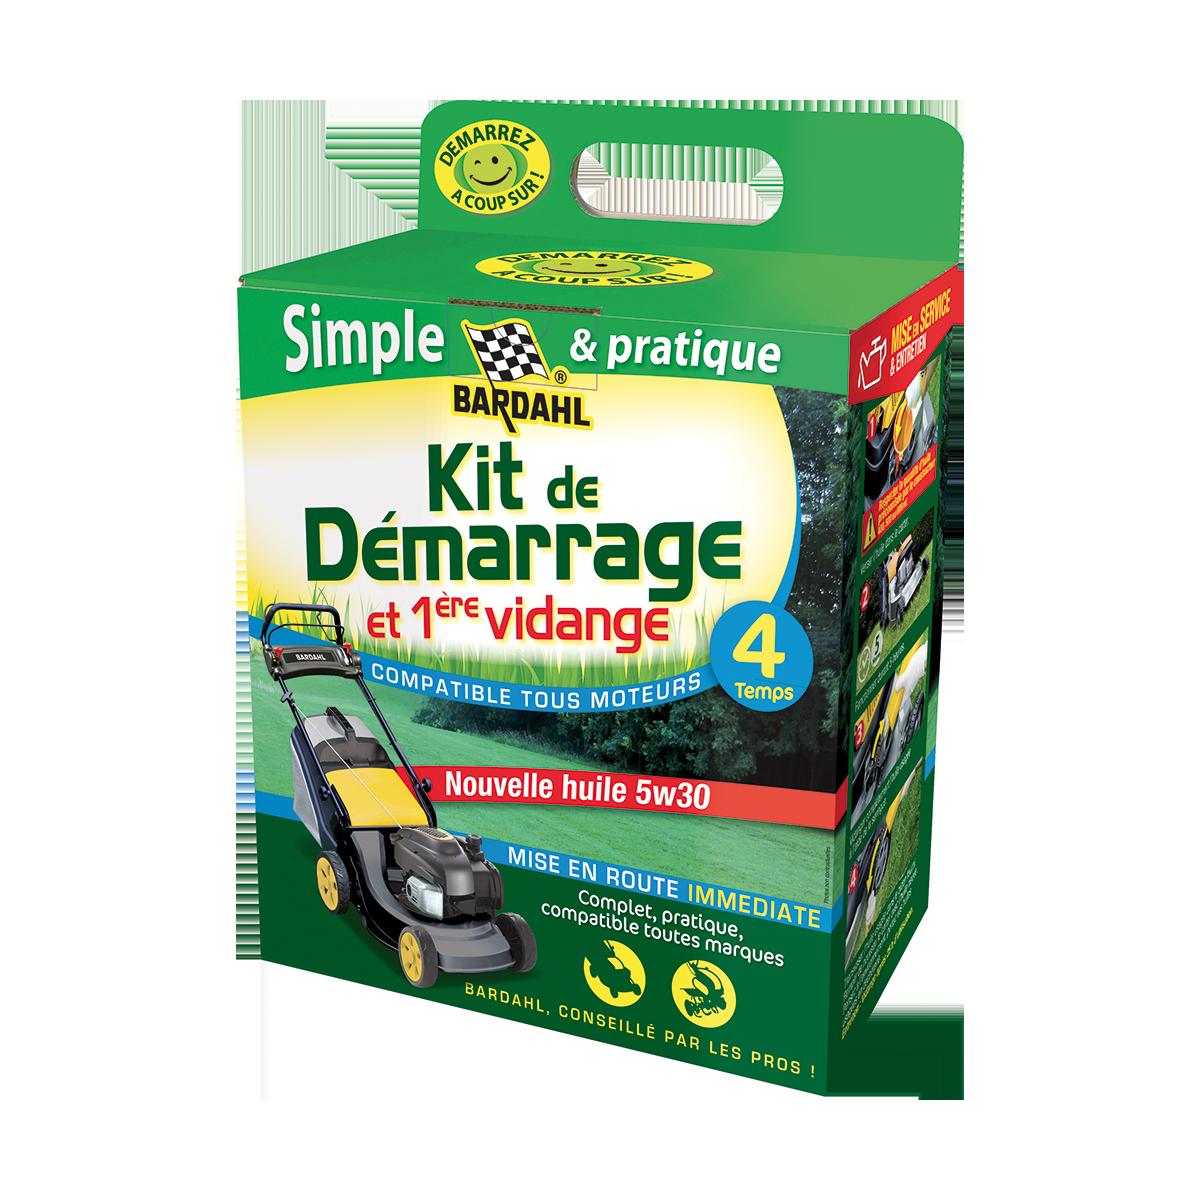 Kit De Demarrage 1er Vidange 5w30